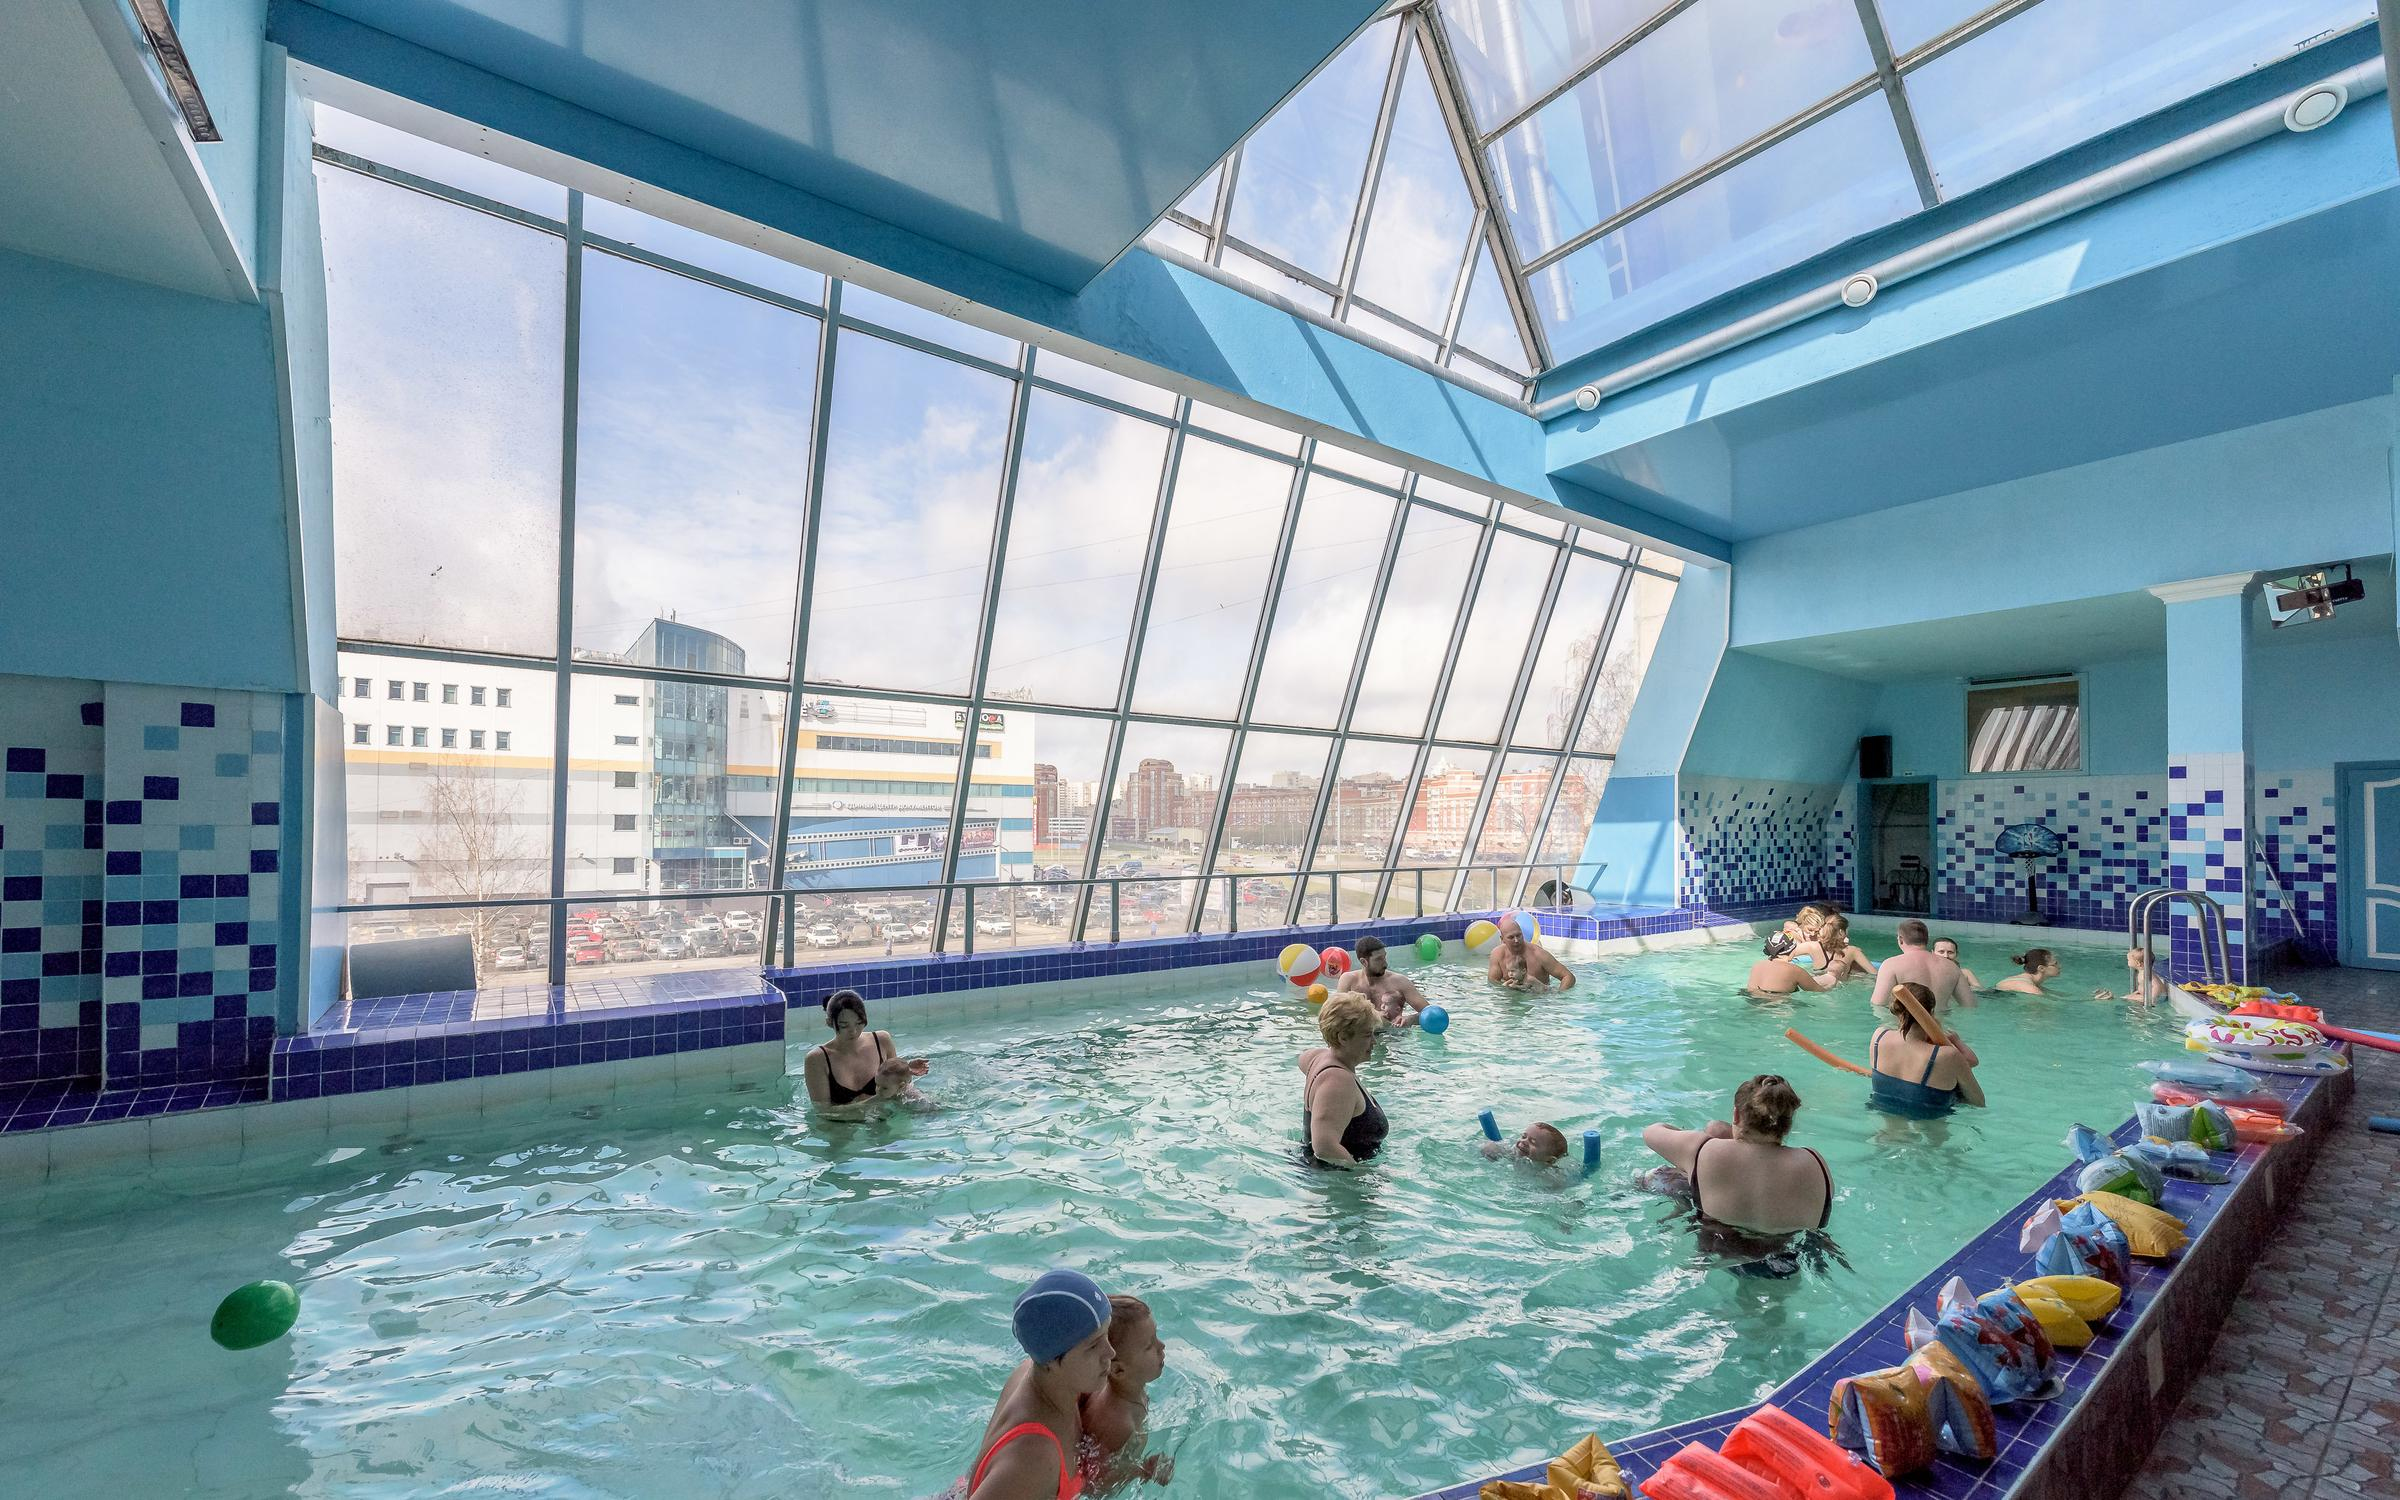 фотография Водно-развлекательного комплекса Комендантские бани на Байконурской улице